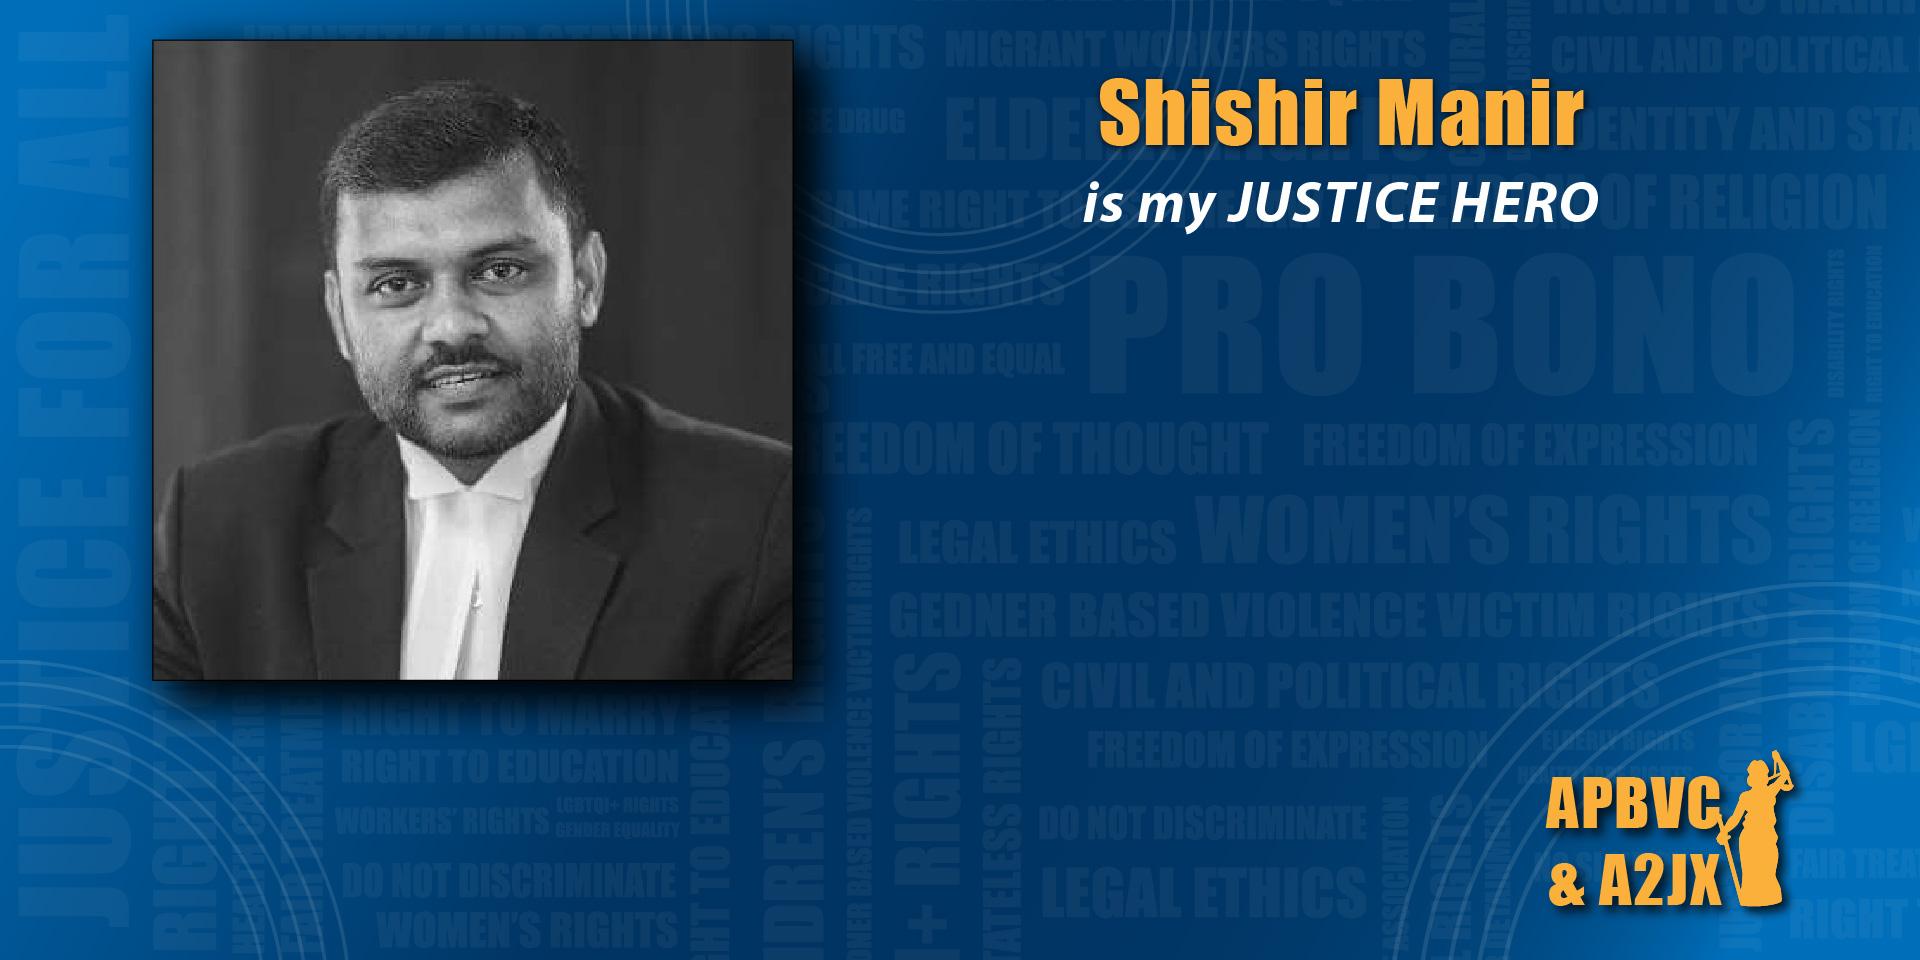 Shishir Manir